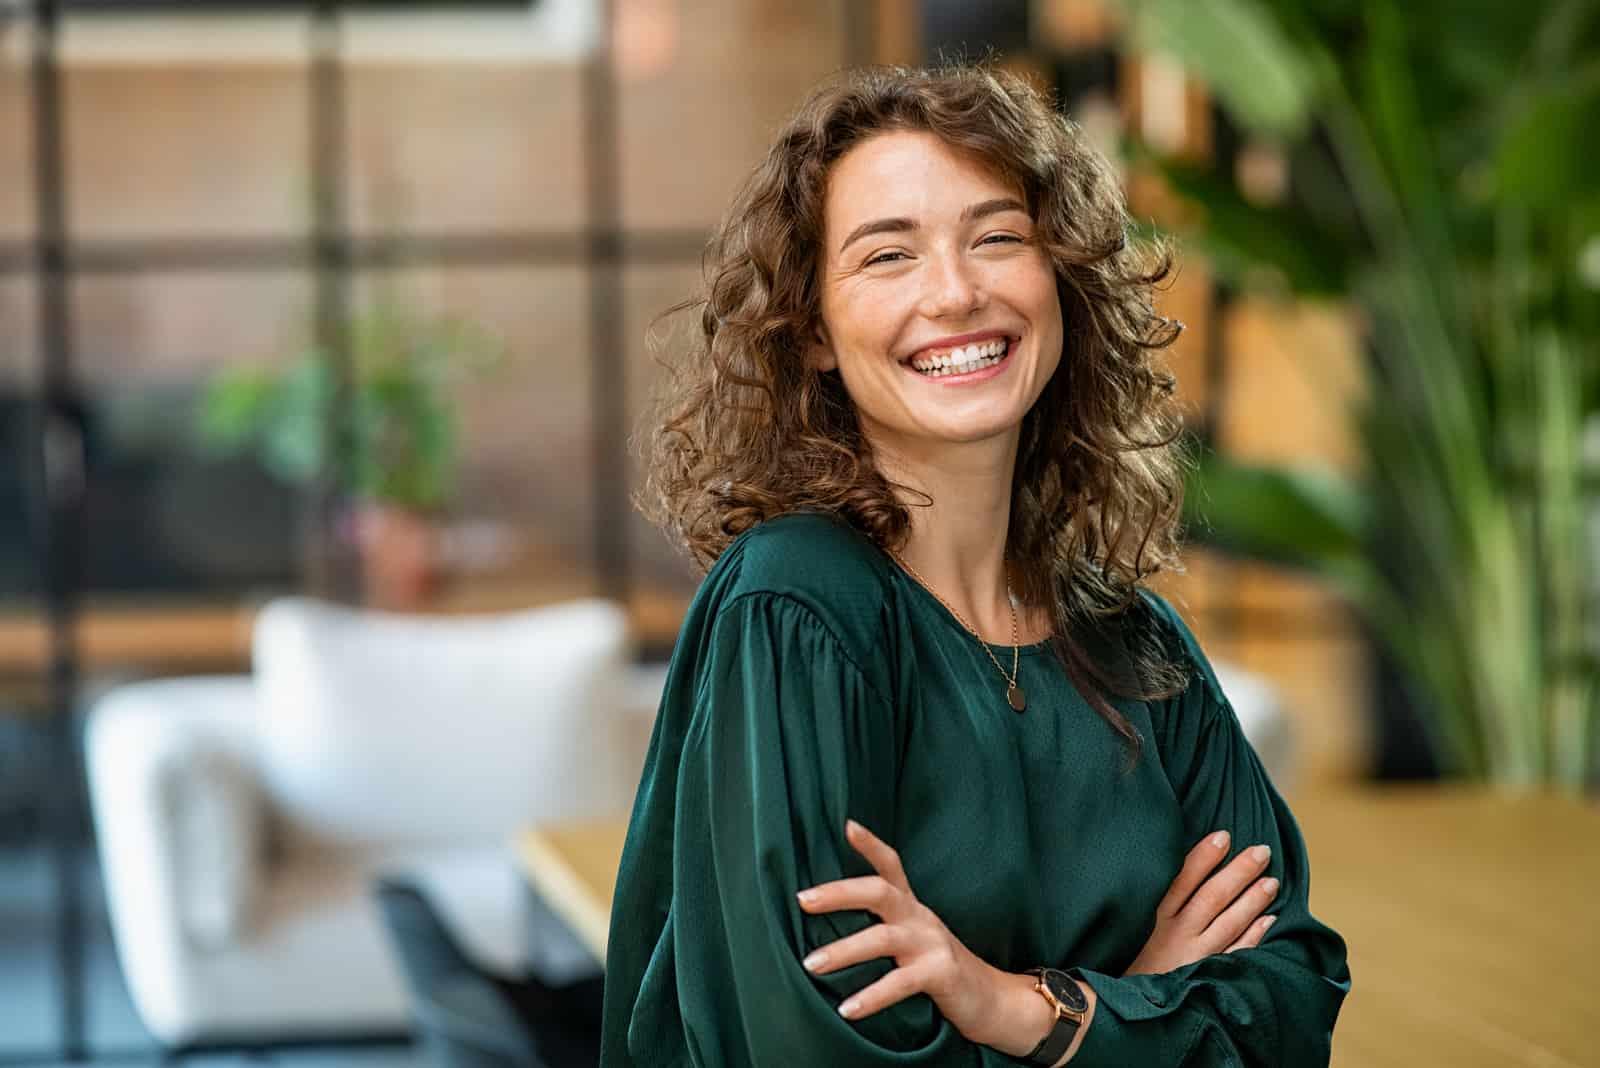 une femme souriante se tient debout